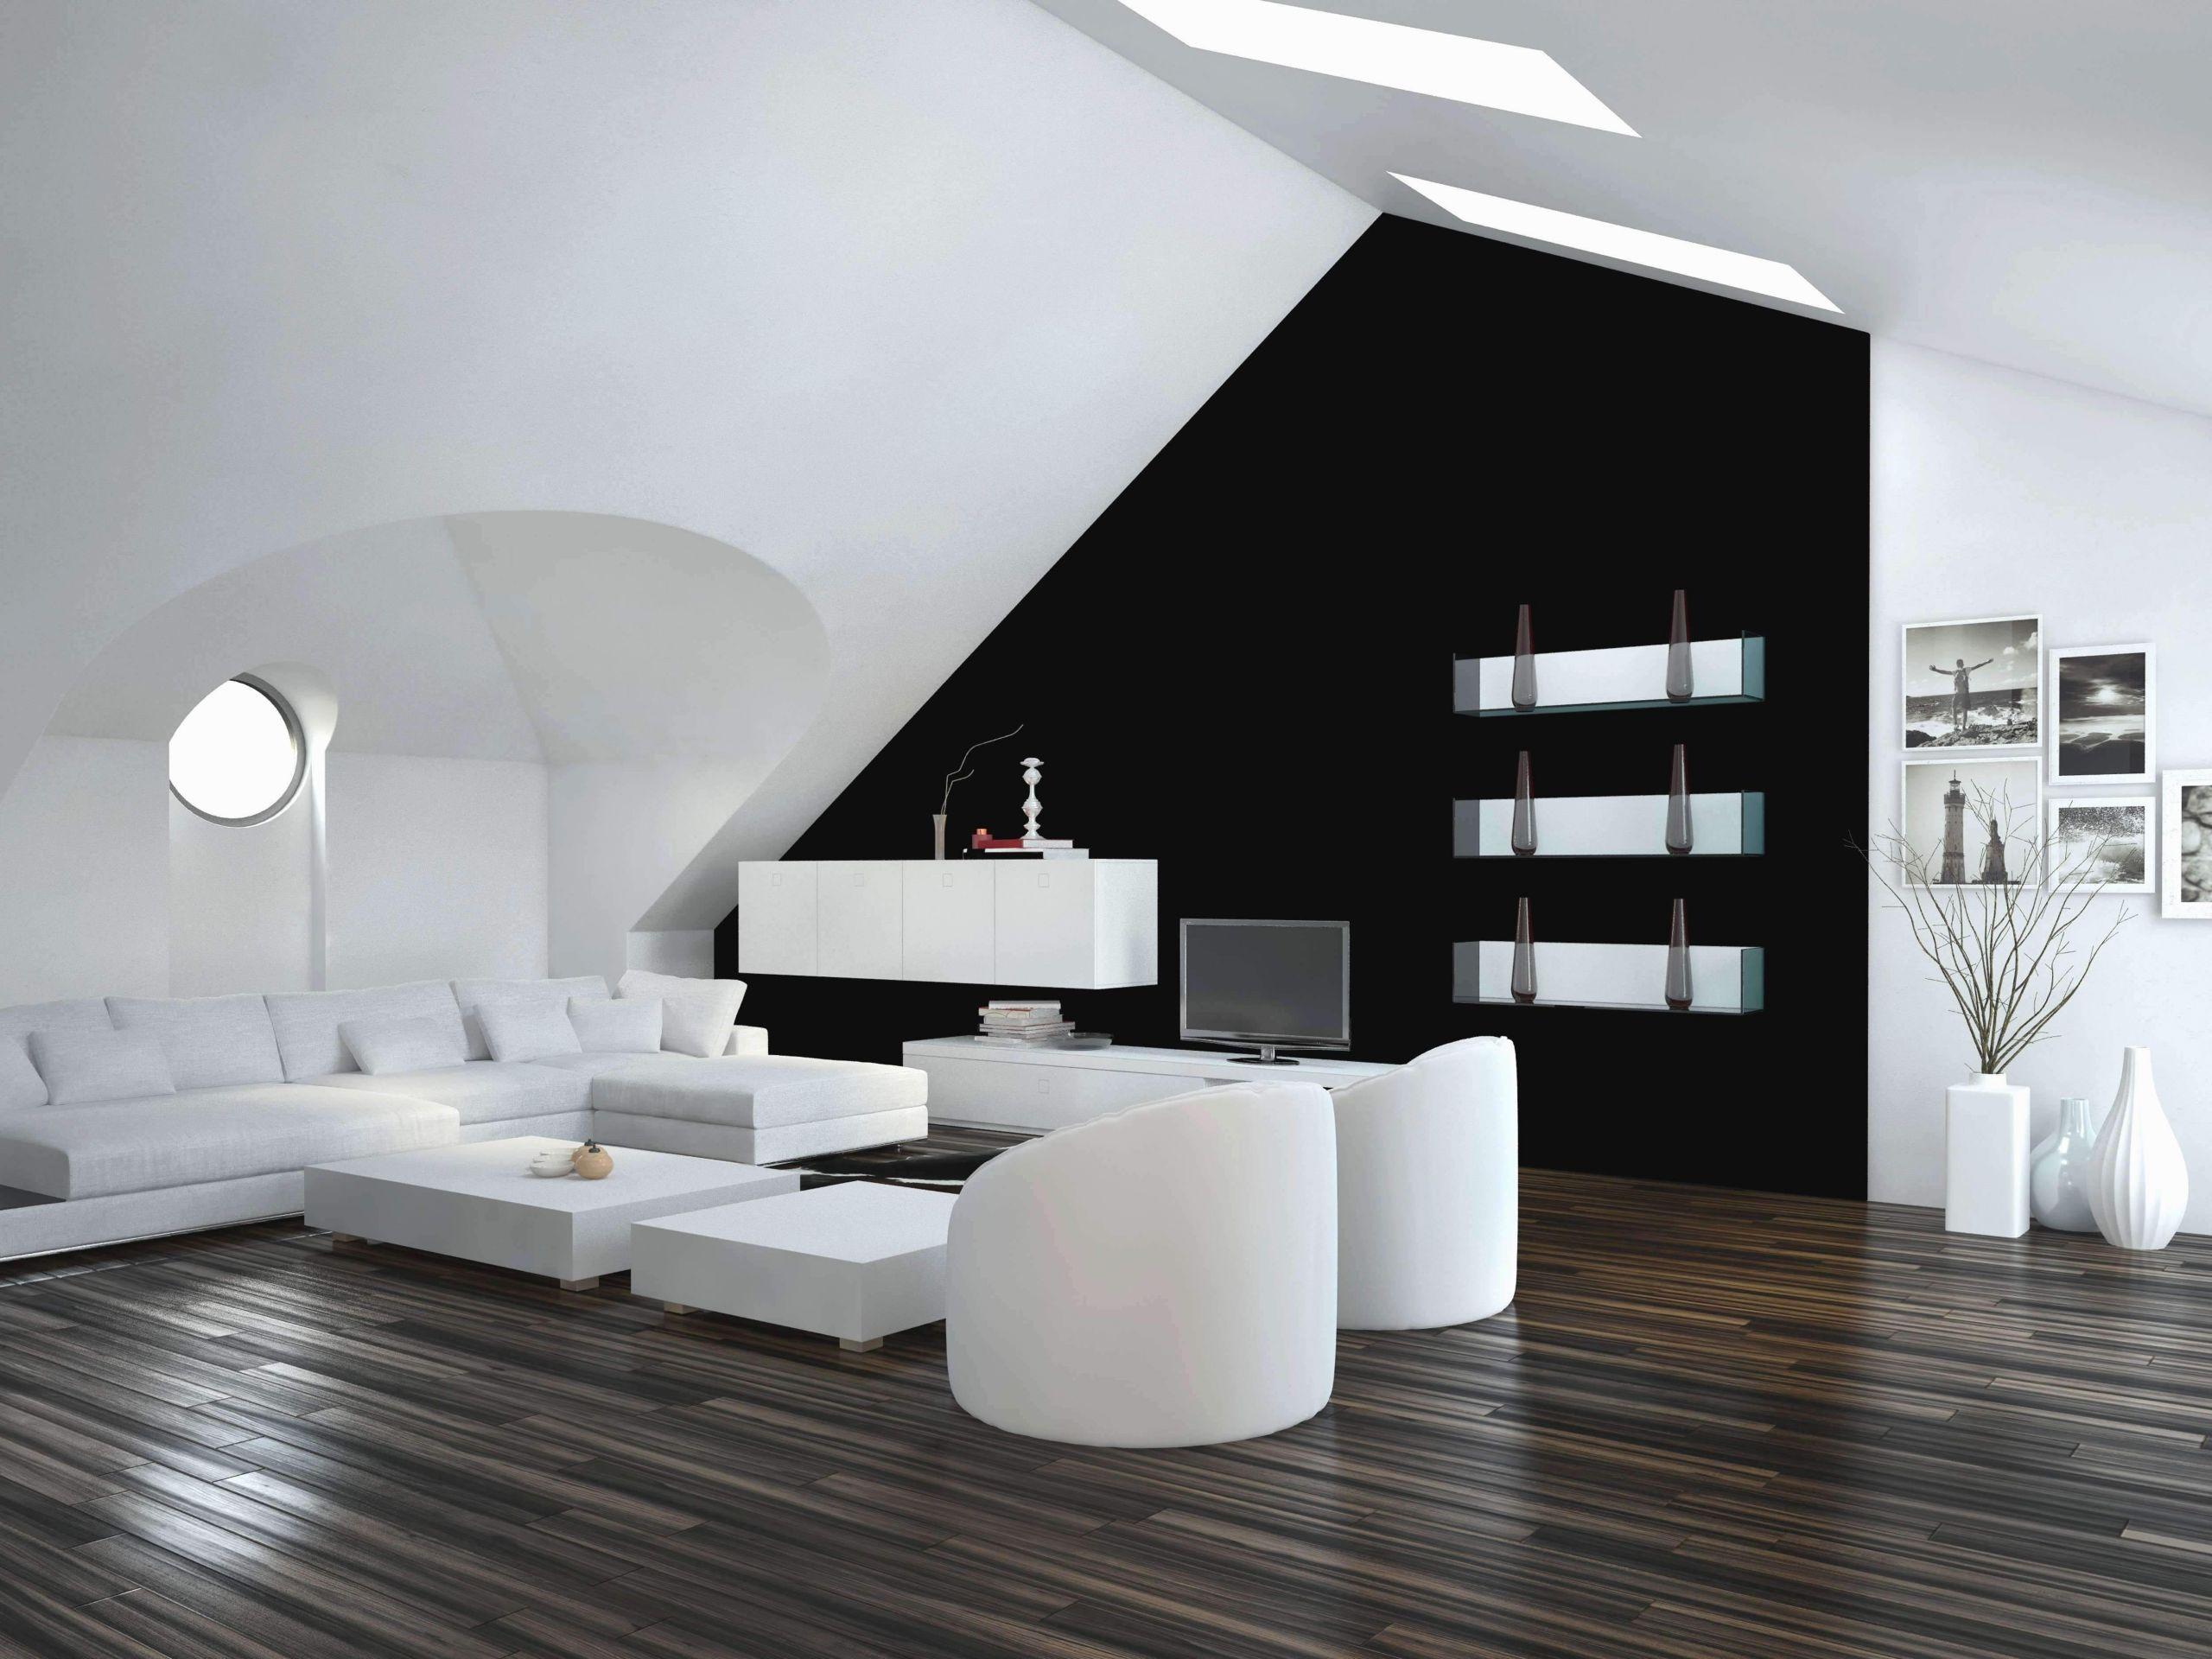 beste musikanlage wohnzimmer genial einzigartig dekoration wohnzimmer ideen of beste musikanlage wohnzimmer scaled